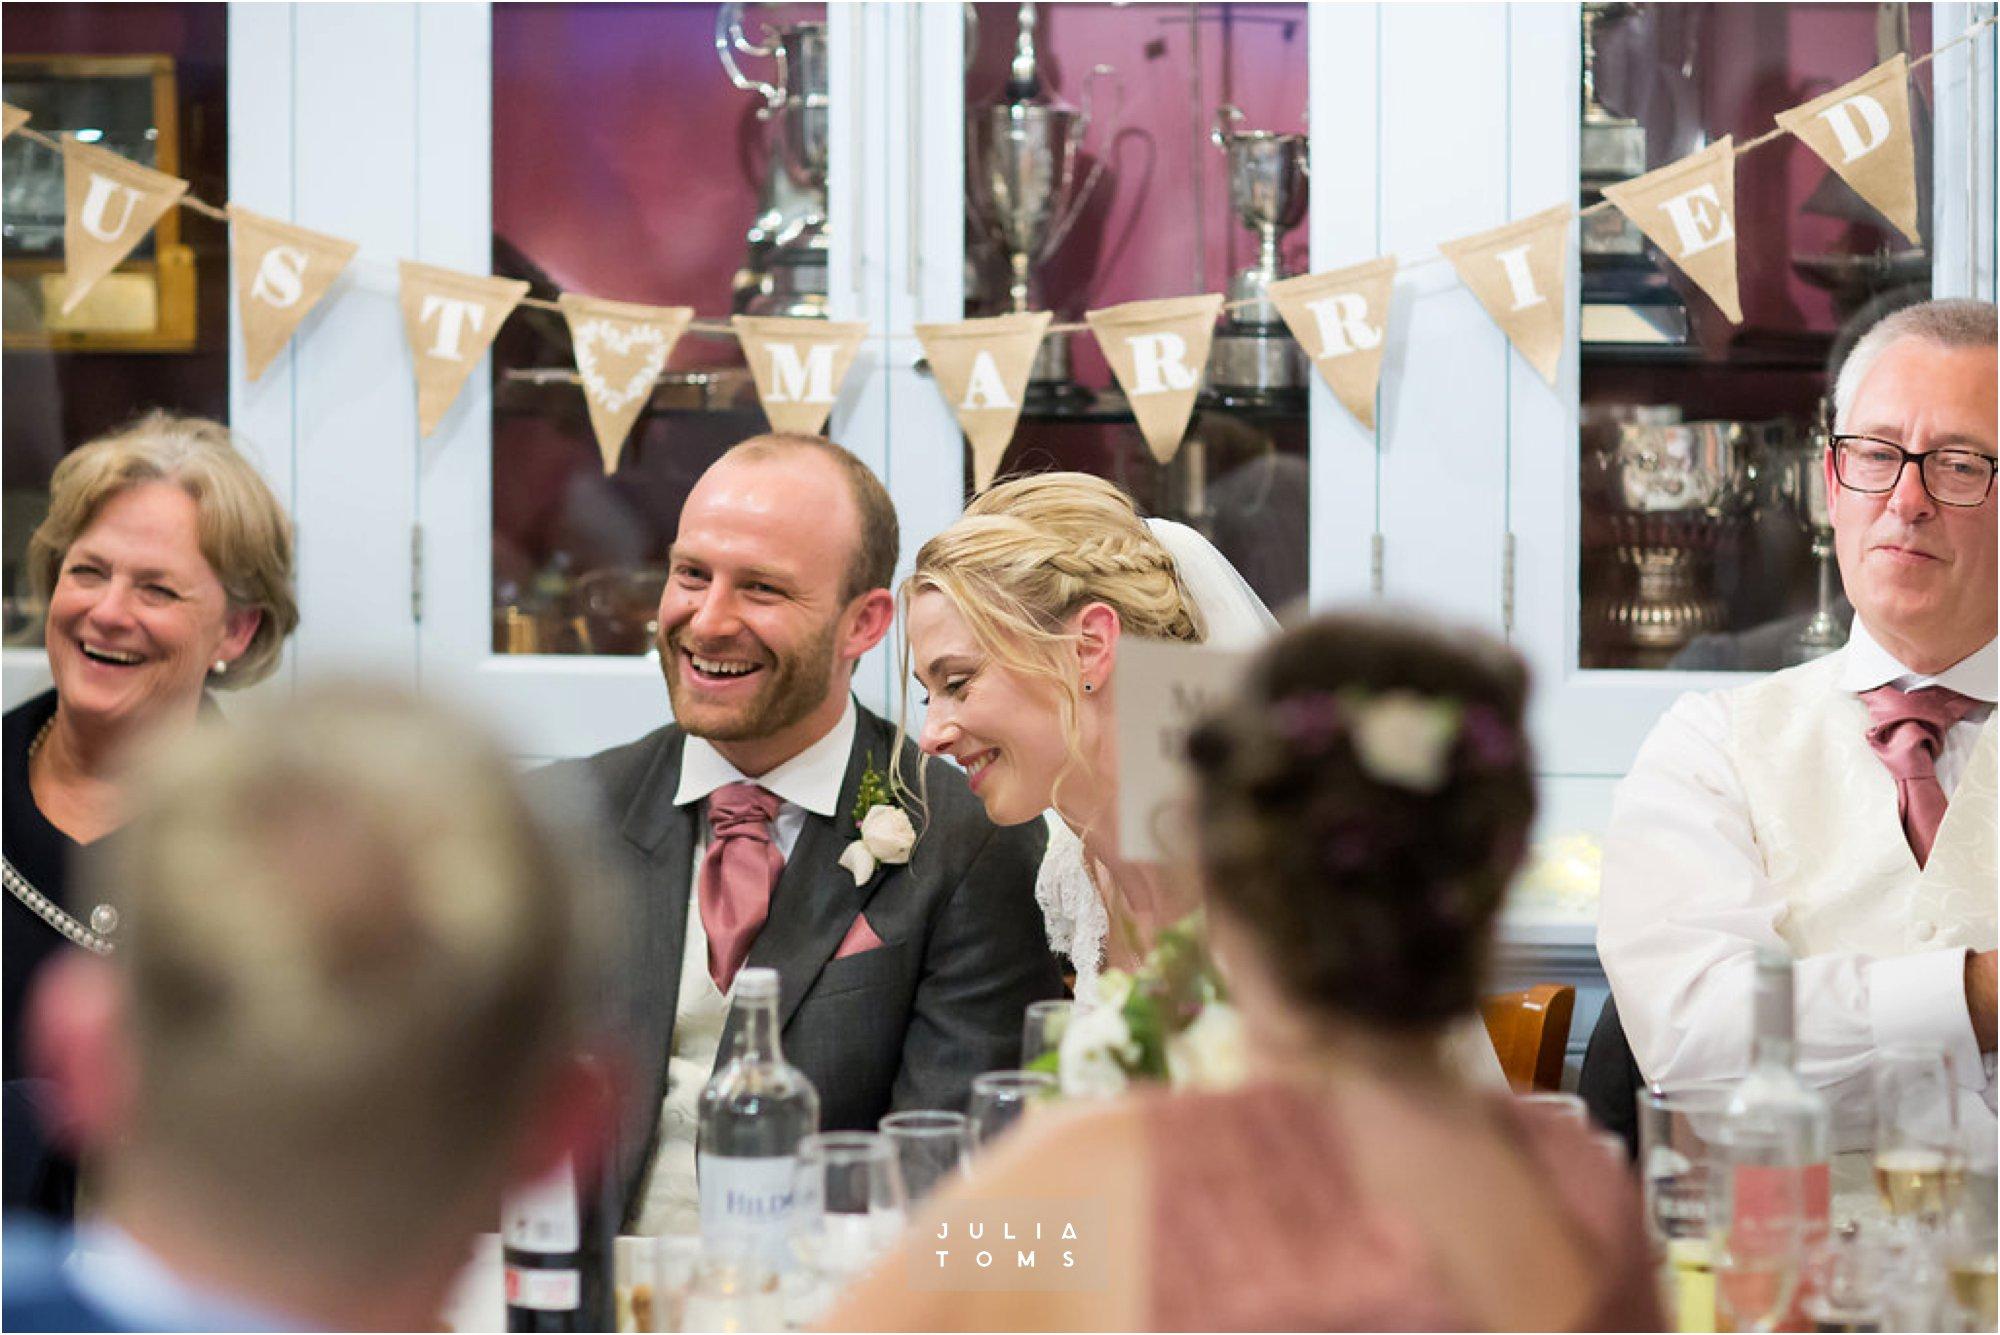 itchenor_wedding_chichester_photographer_083.jpg